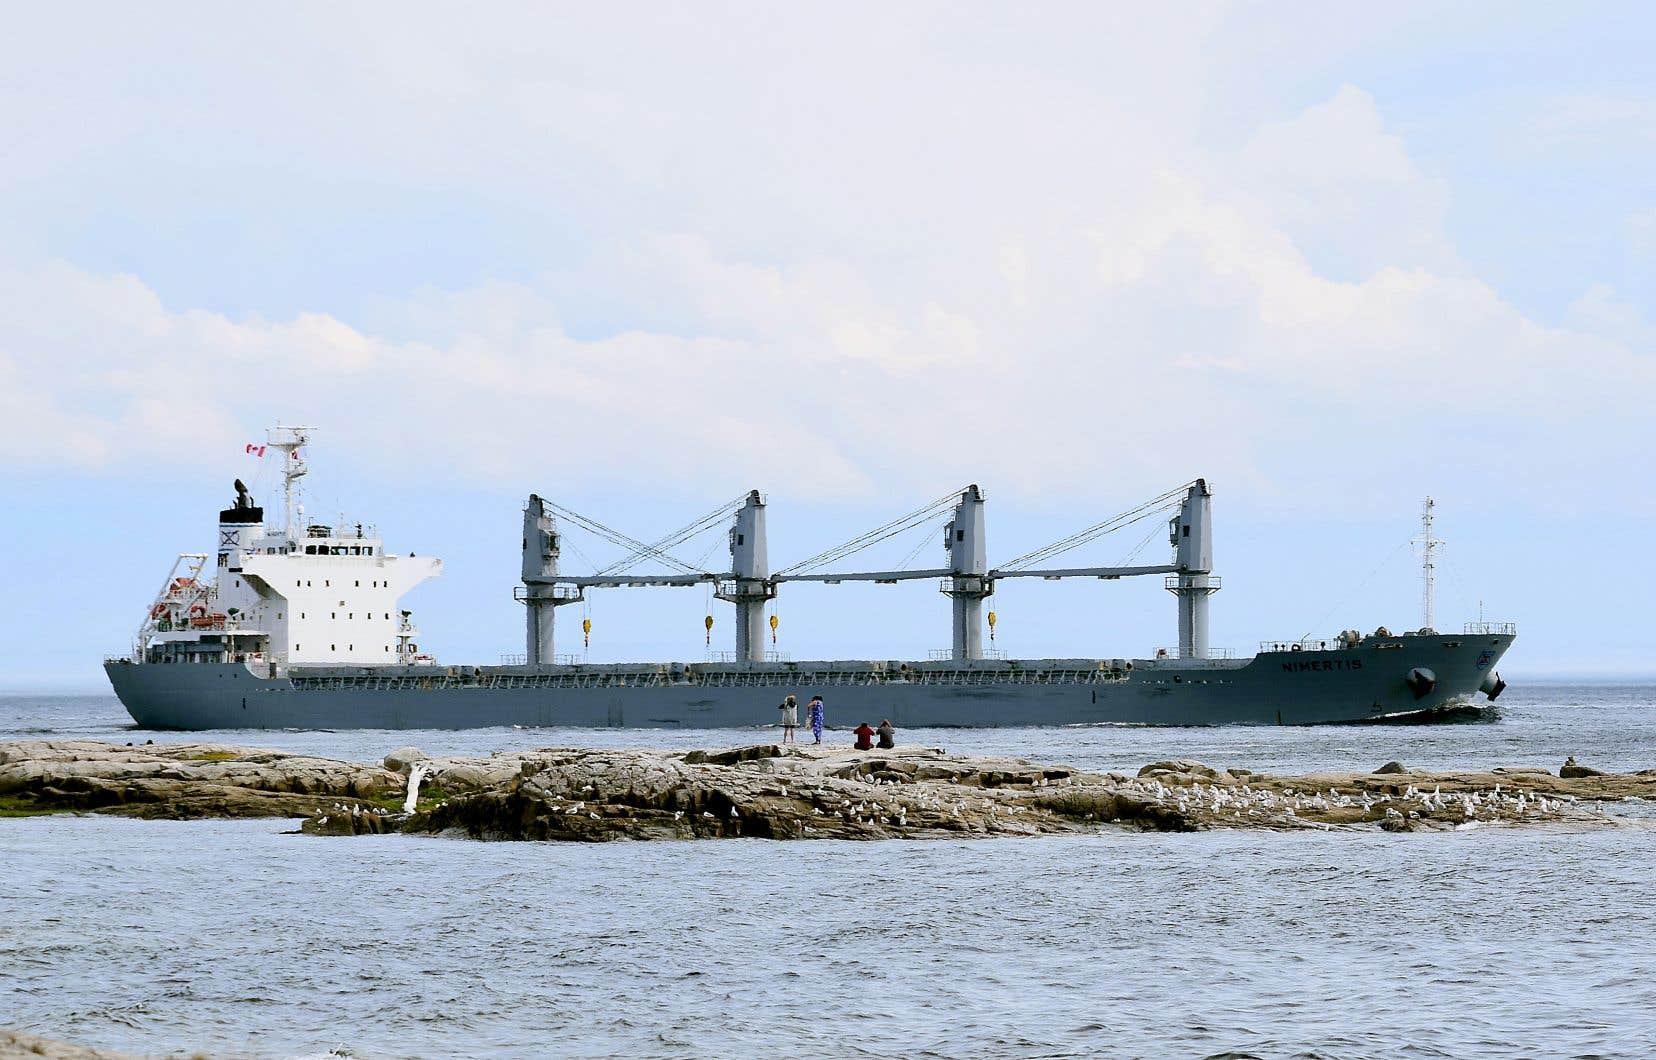 Les navires qui exporteront le gaz naturel liquéfié en passant par le Saguenay seront deux fois plus imposants que ce vraquier, photographié à l'embouchure du fjord.